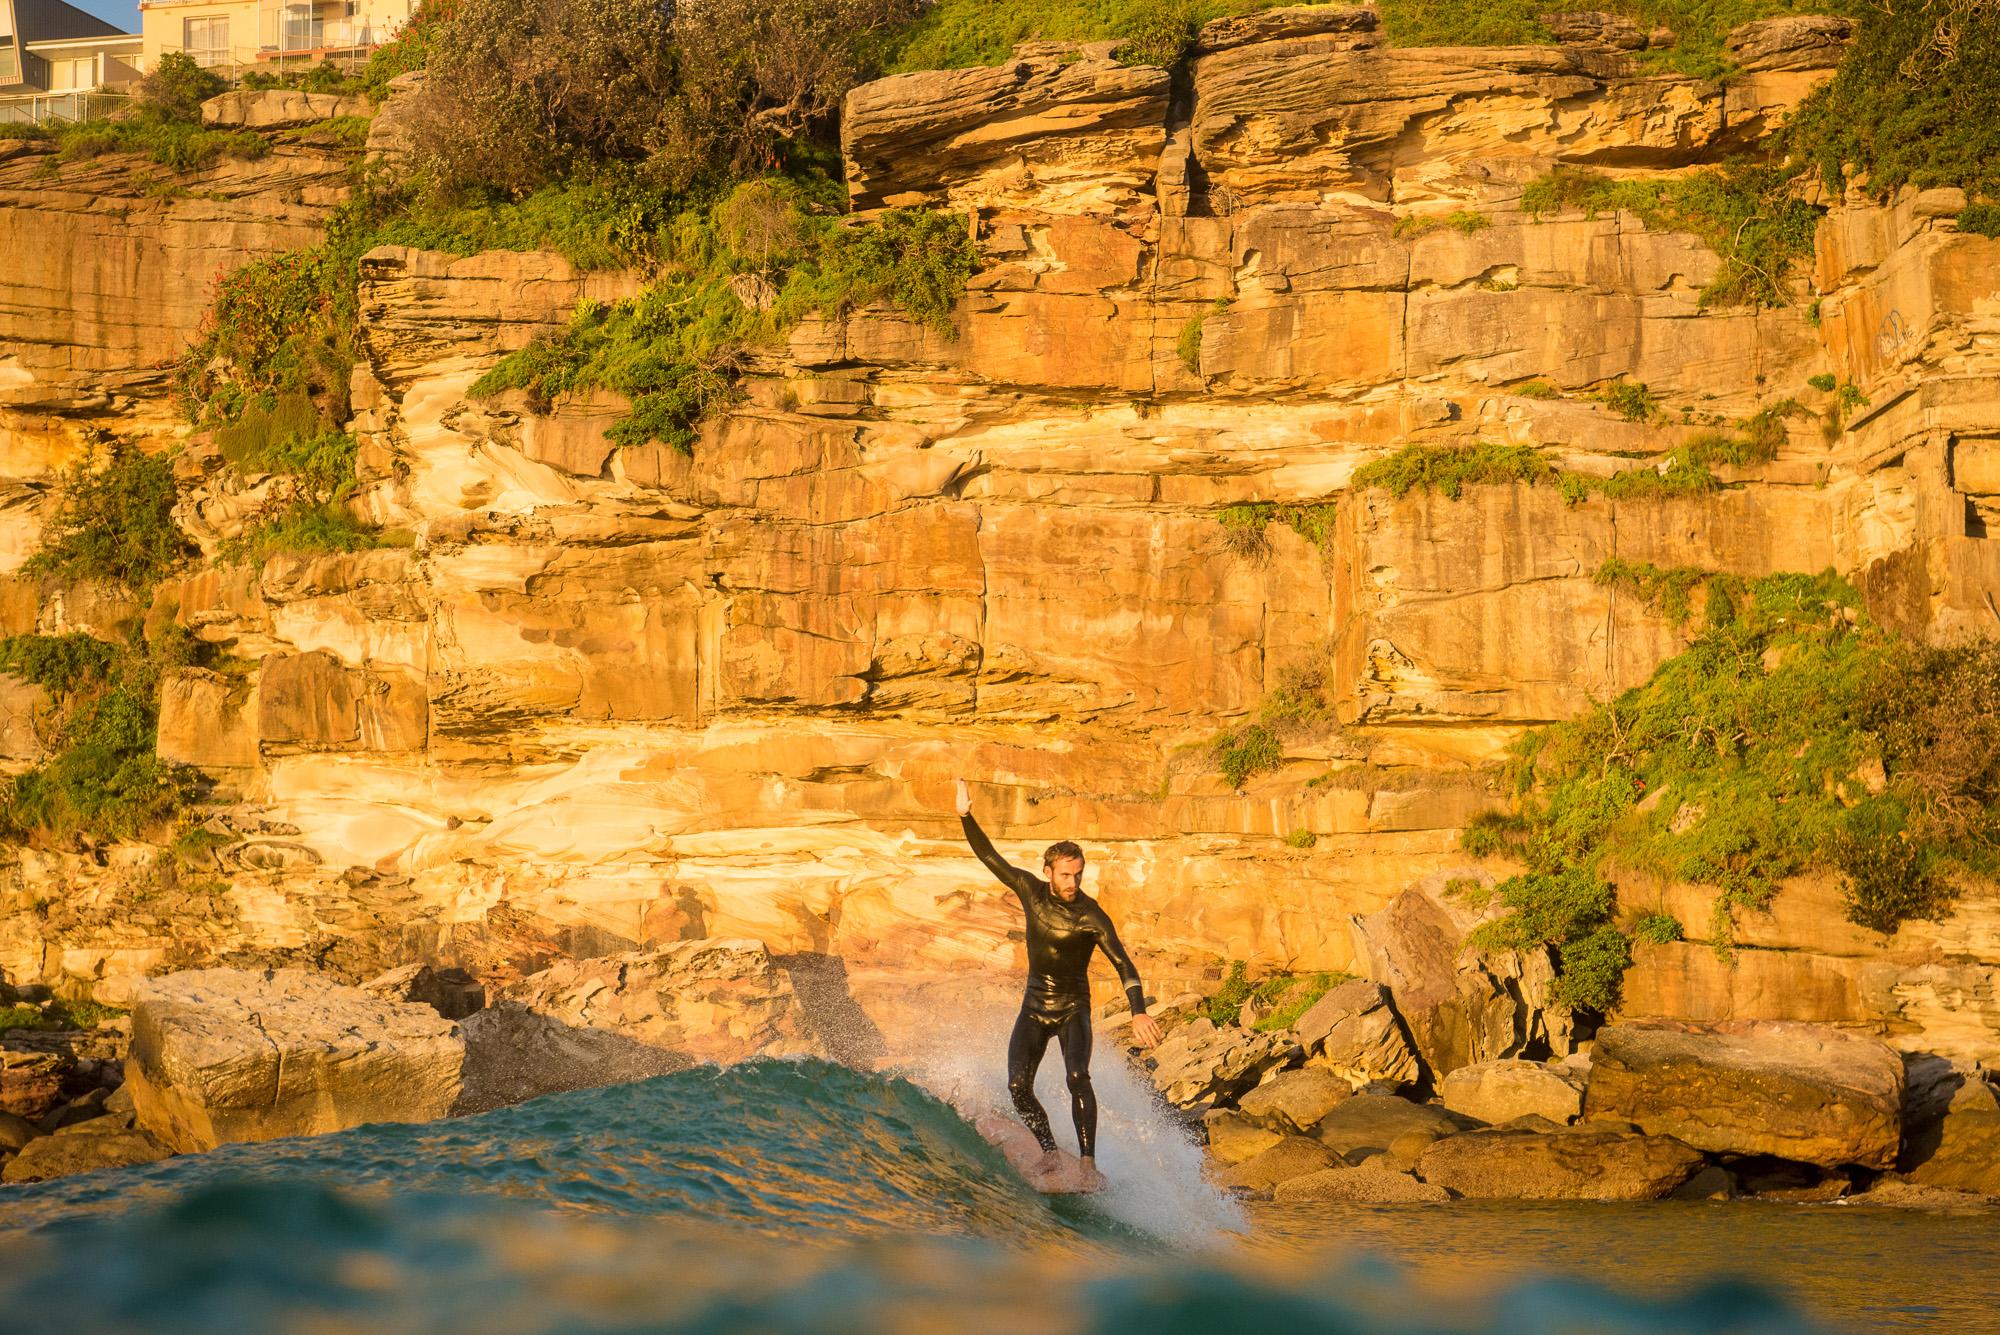 Cliffside Five